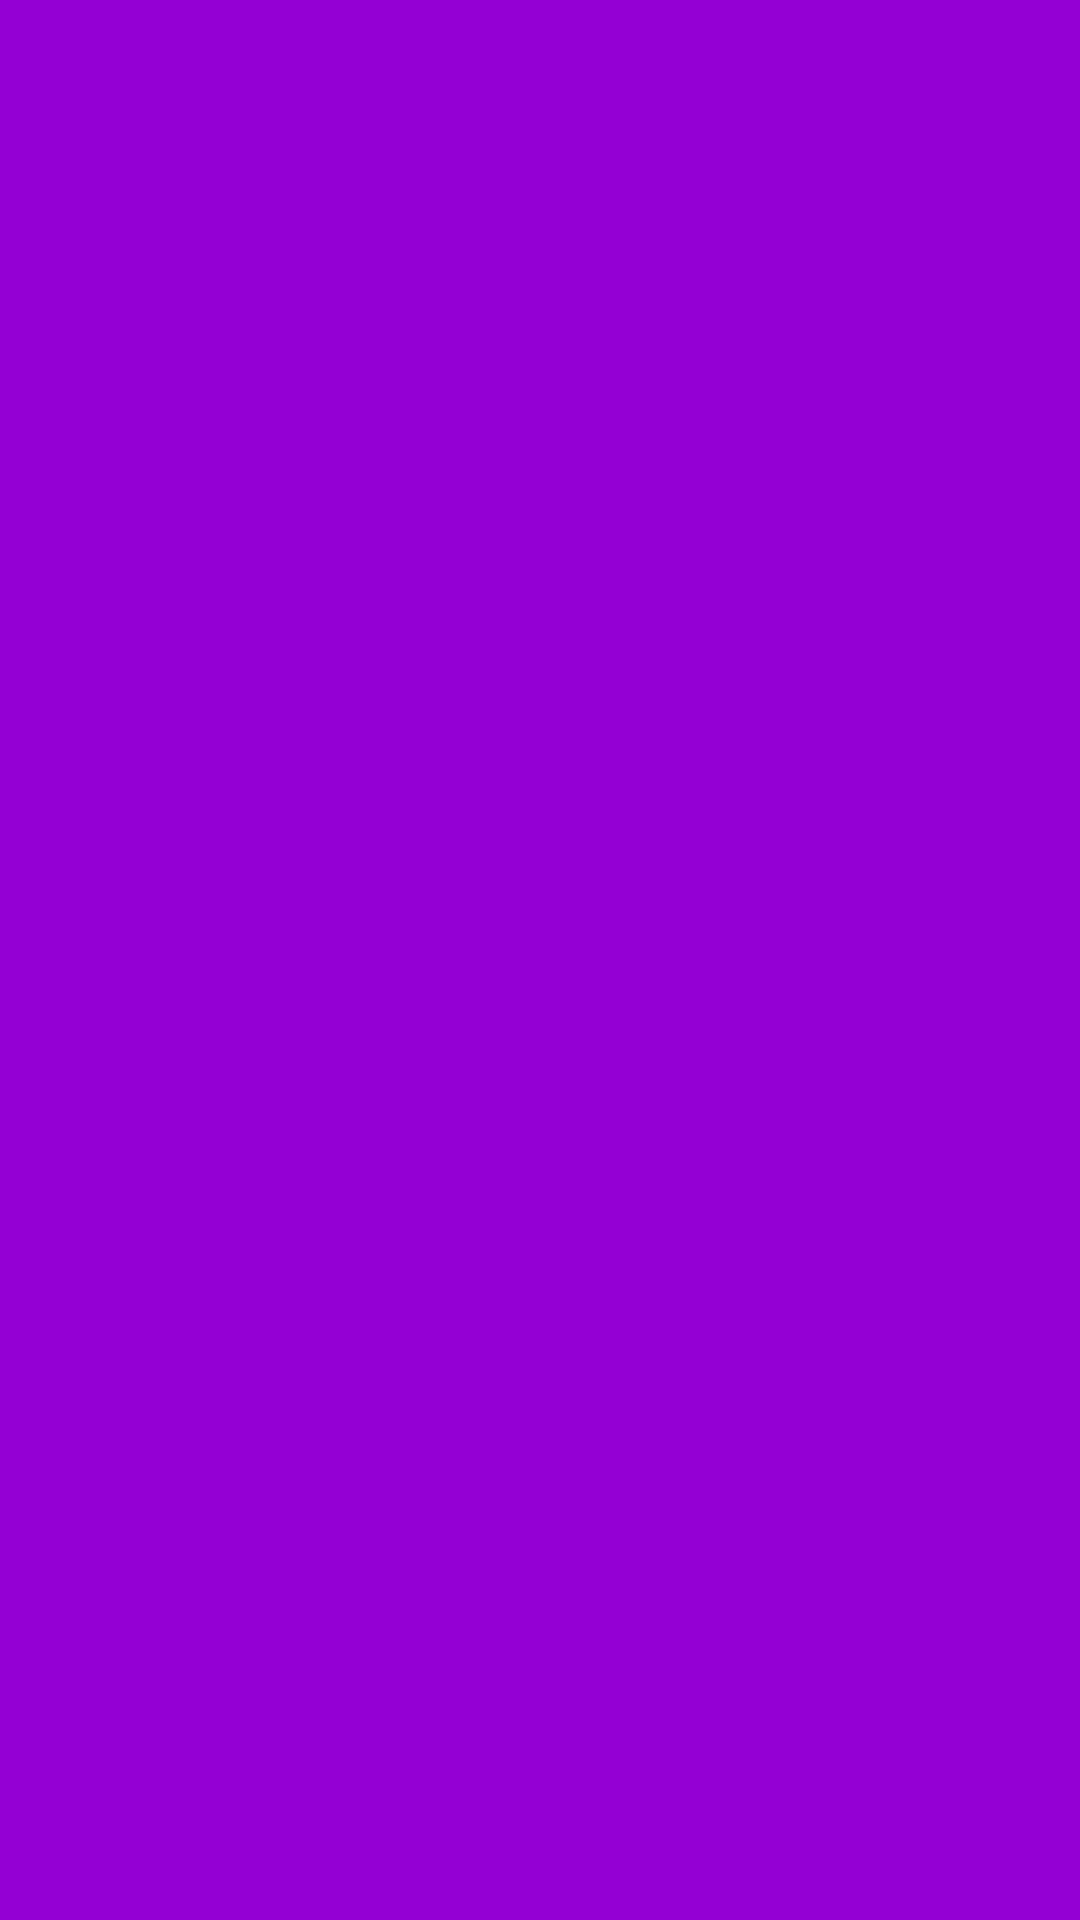 1080x1920 Dark Violet Solid Color Background